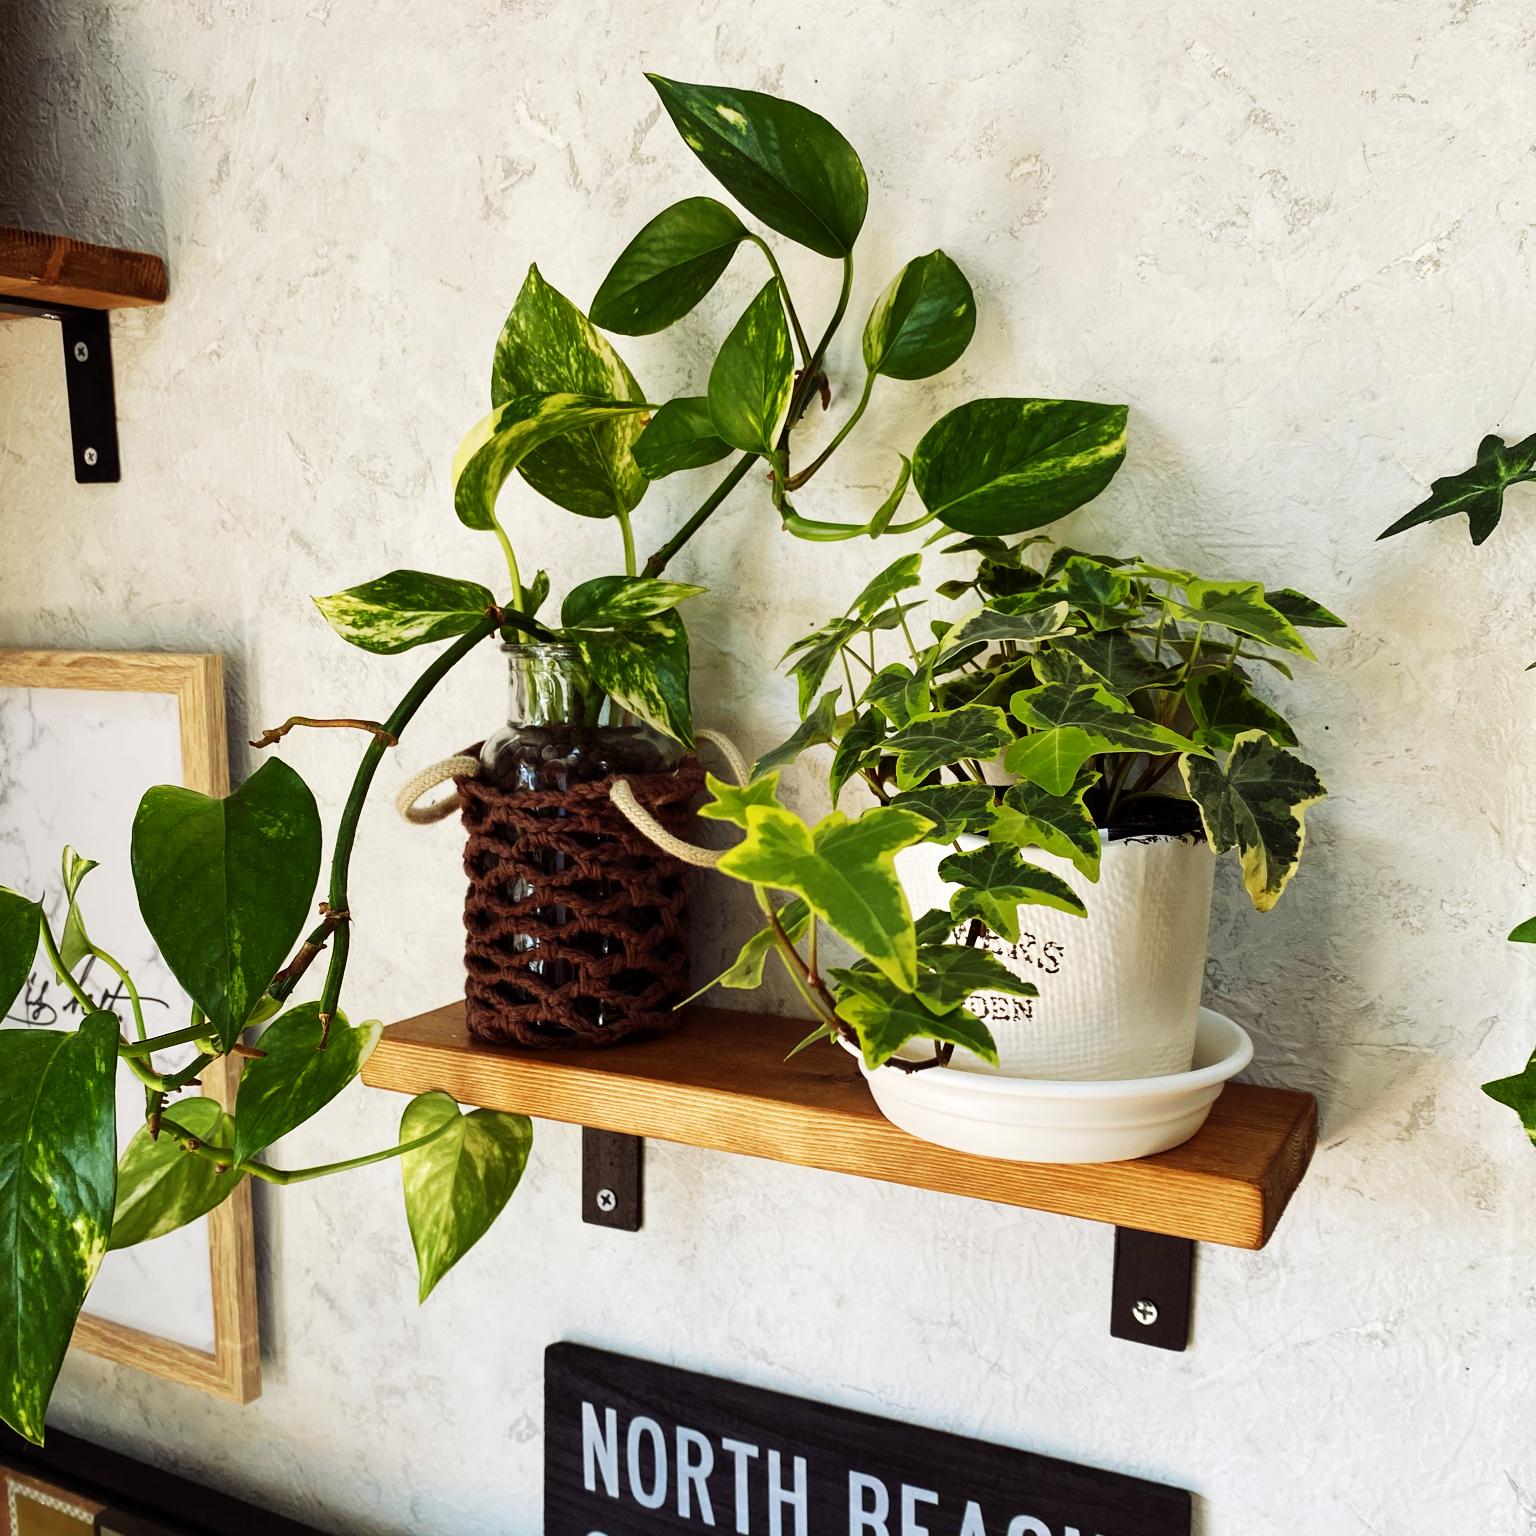 ジャングル/気軽にコメント下さい/観葉植物/植物飾りたい/ブルックリンスタイルに憧れる☆...などのインテリア実例 - 2021-04-22 12:42:08